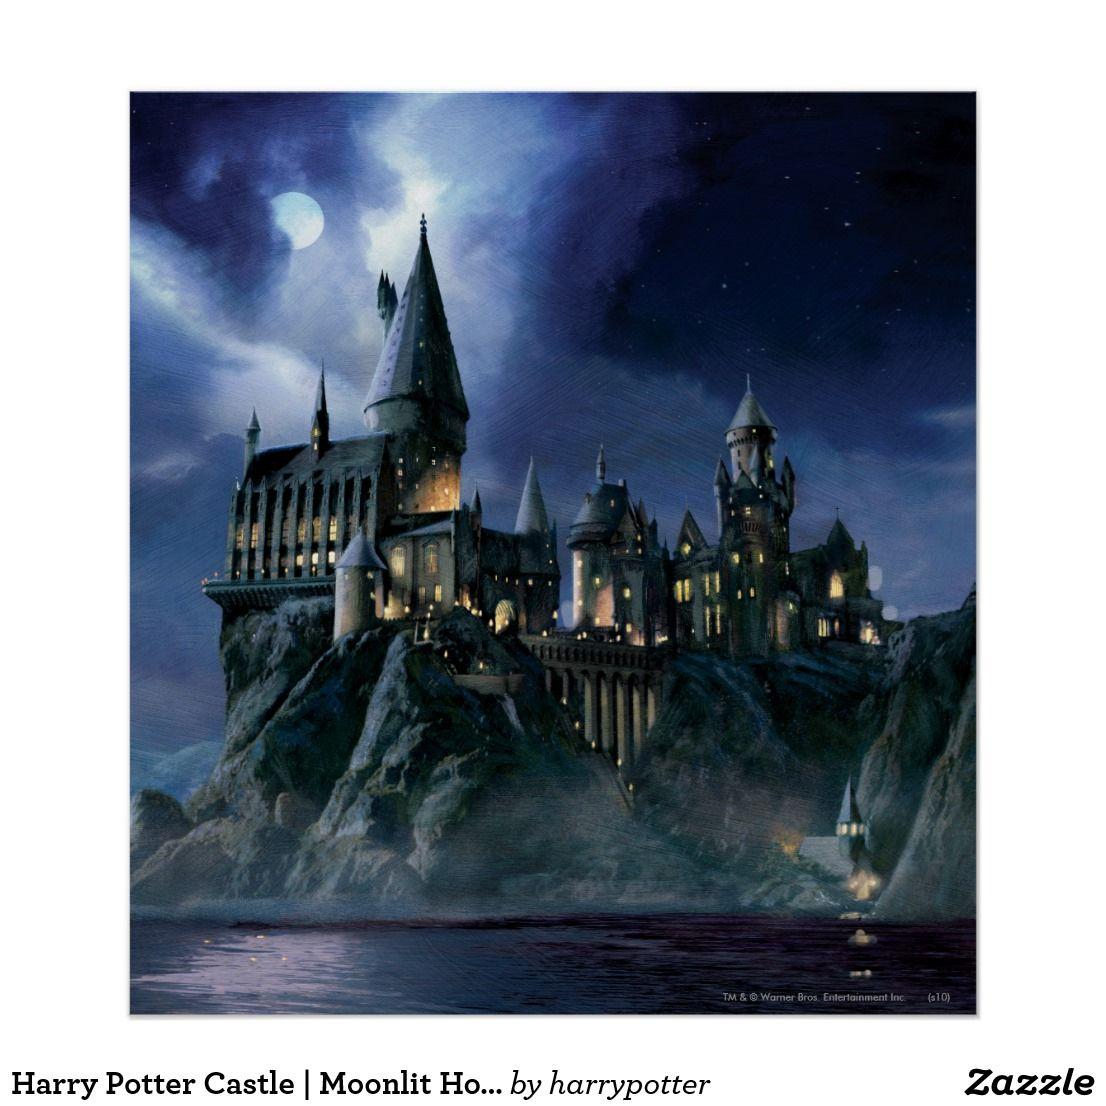 Harry Potter Castle Moonlit Hogwarts Poster Zazzle Com Harry Potter Castle Harry Potter Wall Harry Potter Hogwarts Castle